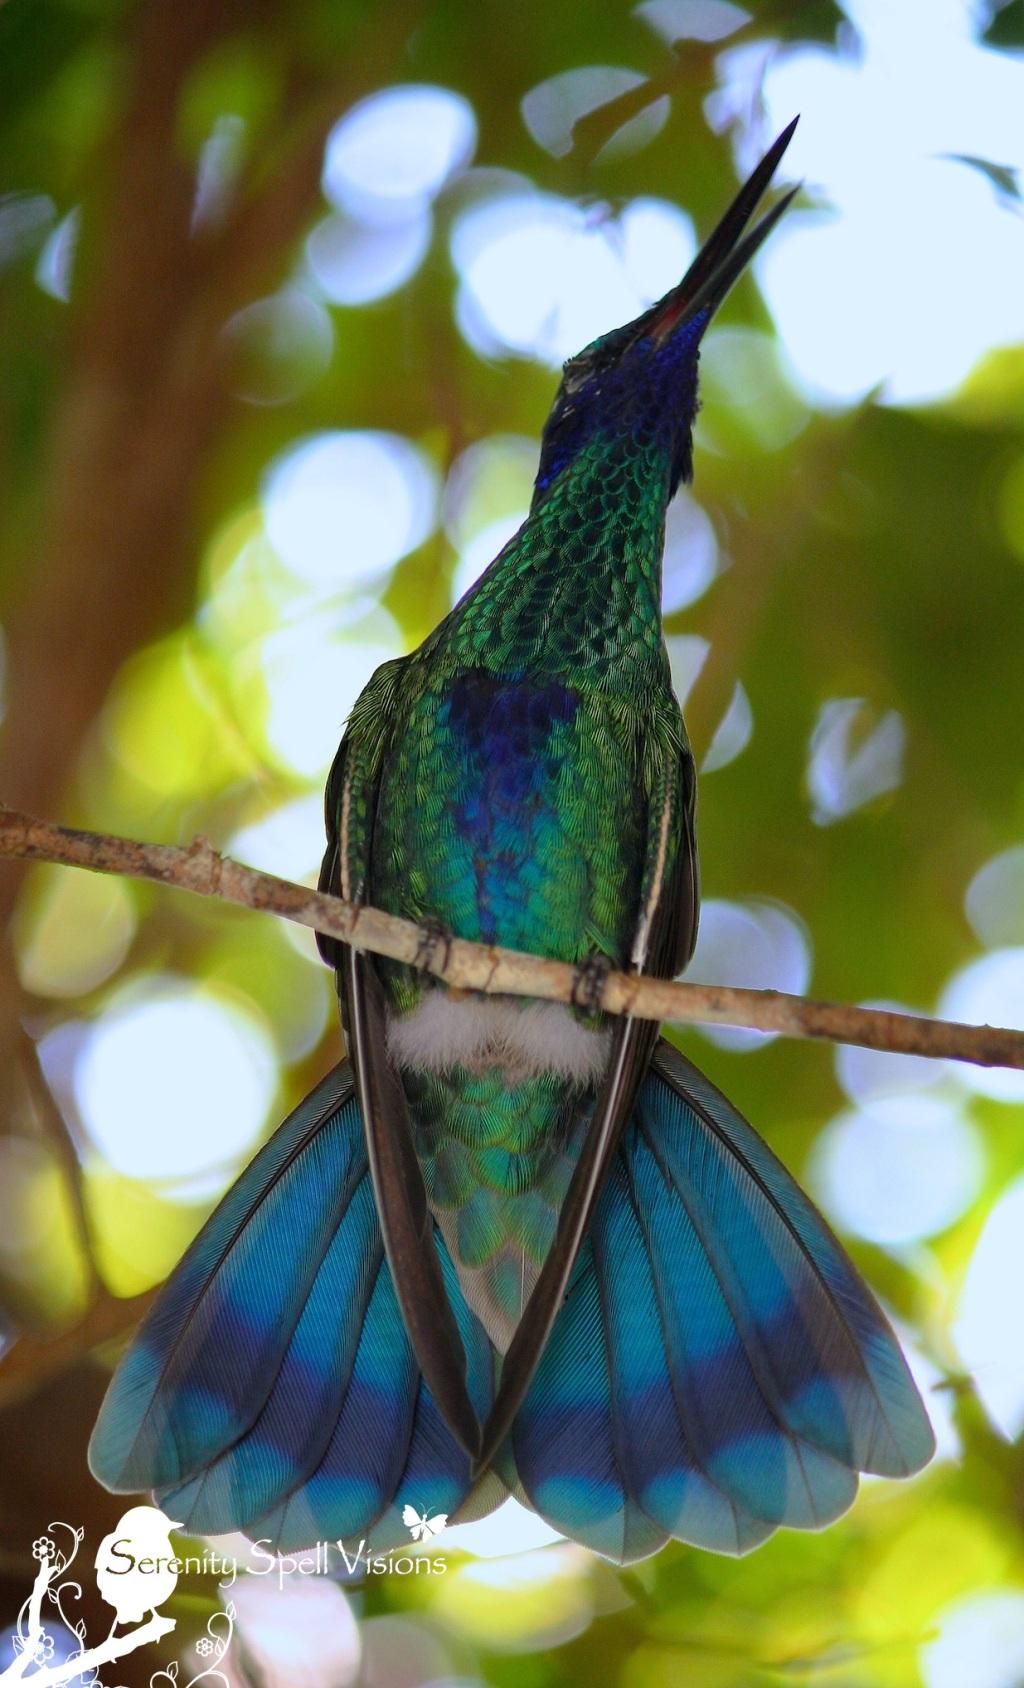 Sparkling violet ear hummingbird, Butterfly World, FL